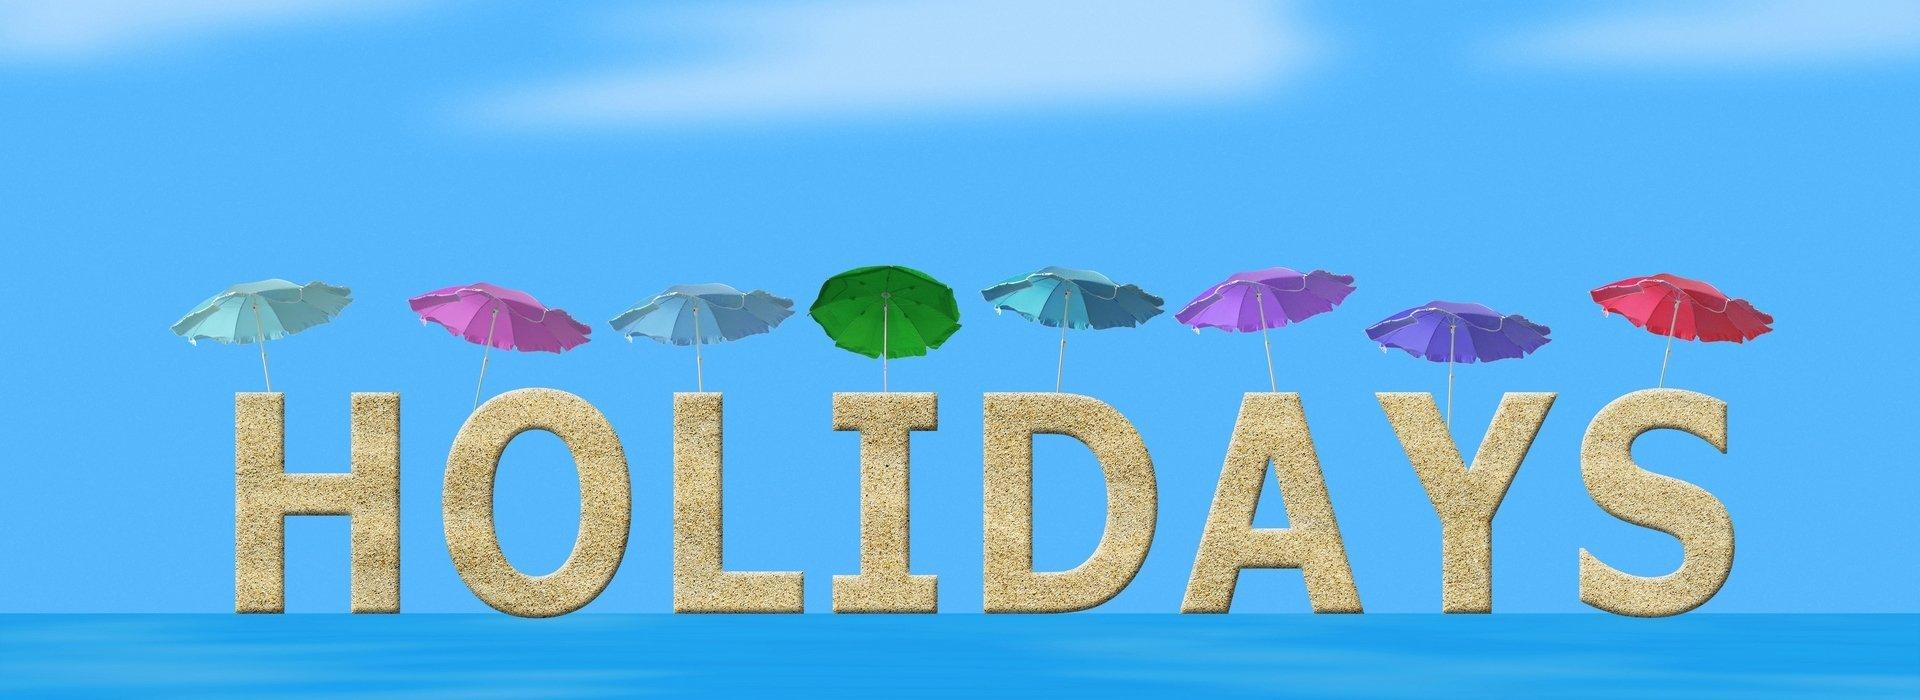 Feiertagen